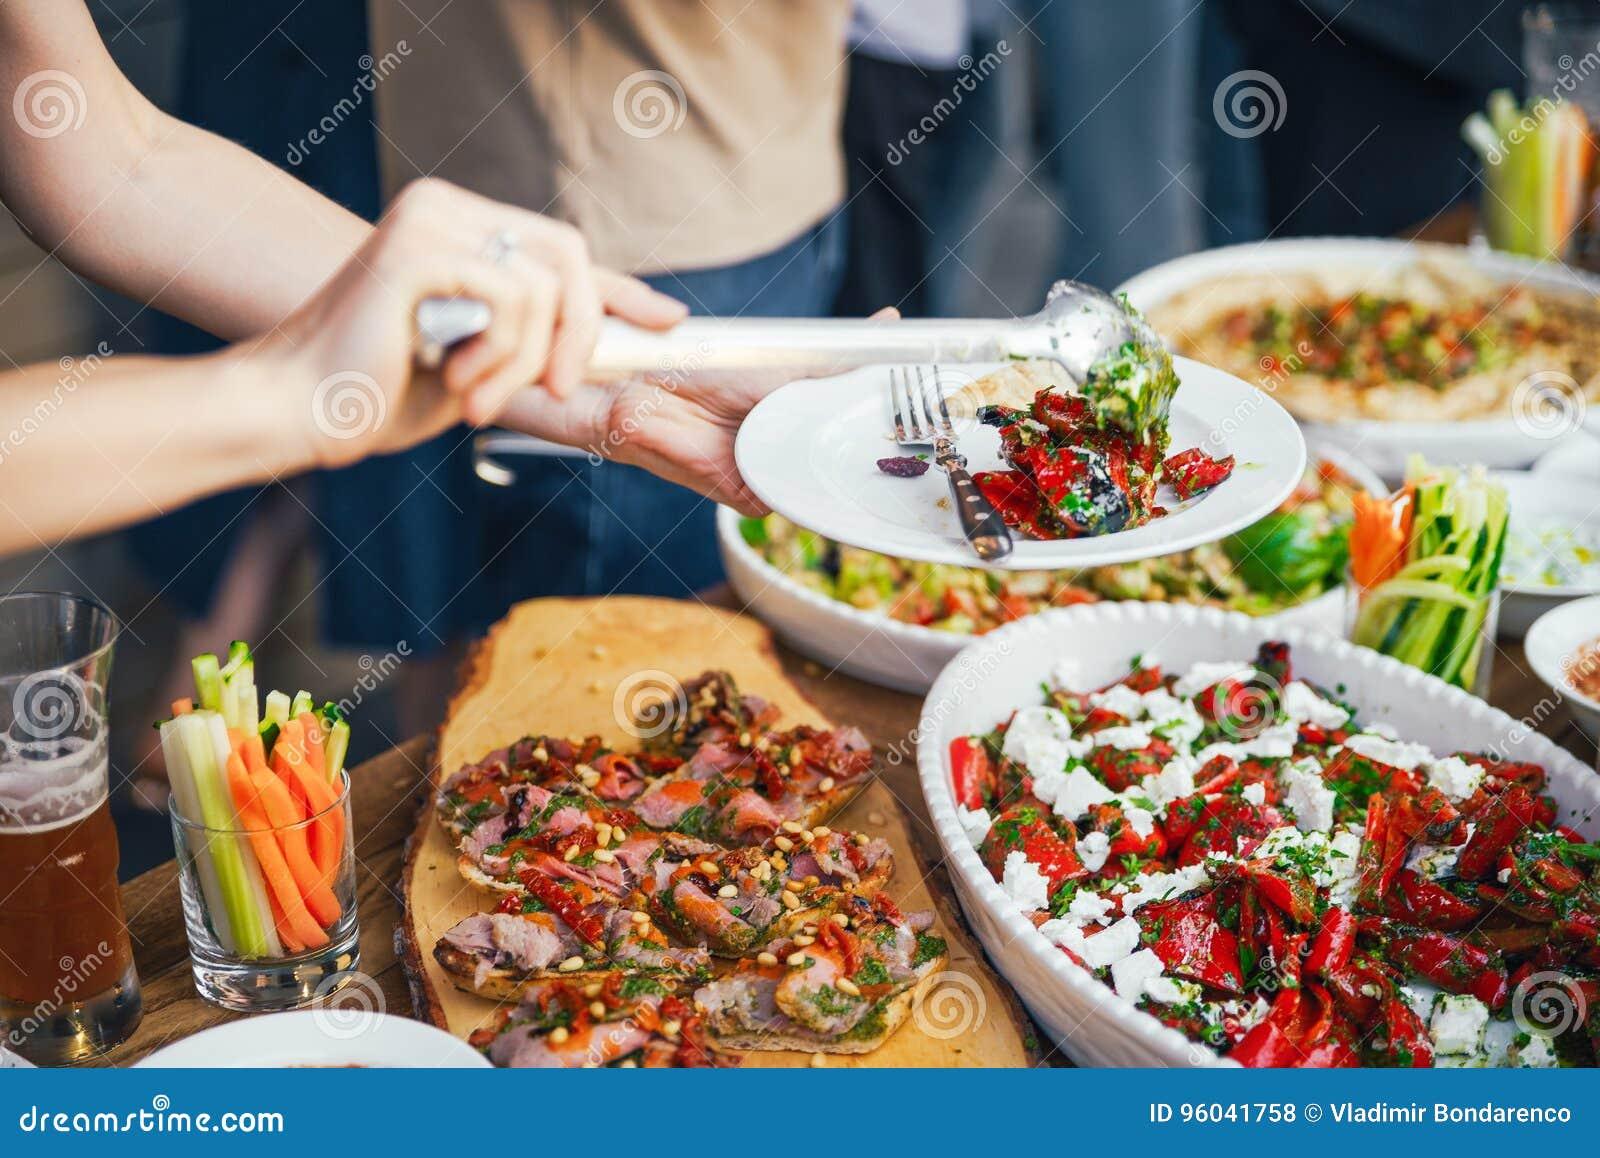 Kobiet ręki one wypiętrzają posiłek w talerzu lunch Pojęcie odżywianie bufet Jedzenie dinner Pojęcie udzielenie